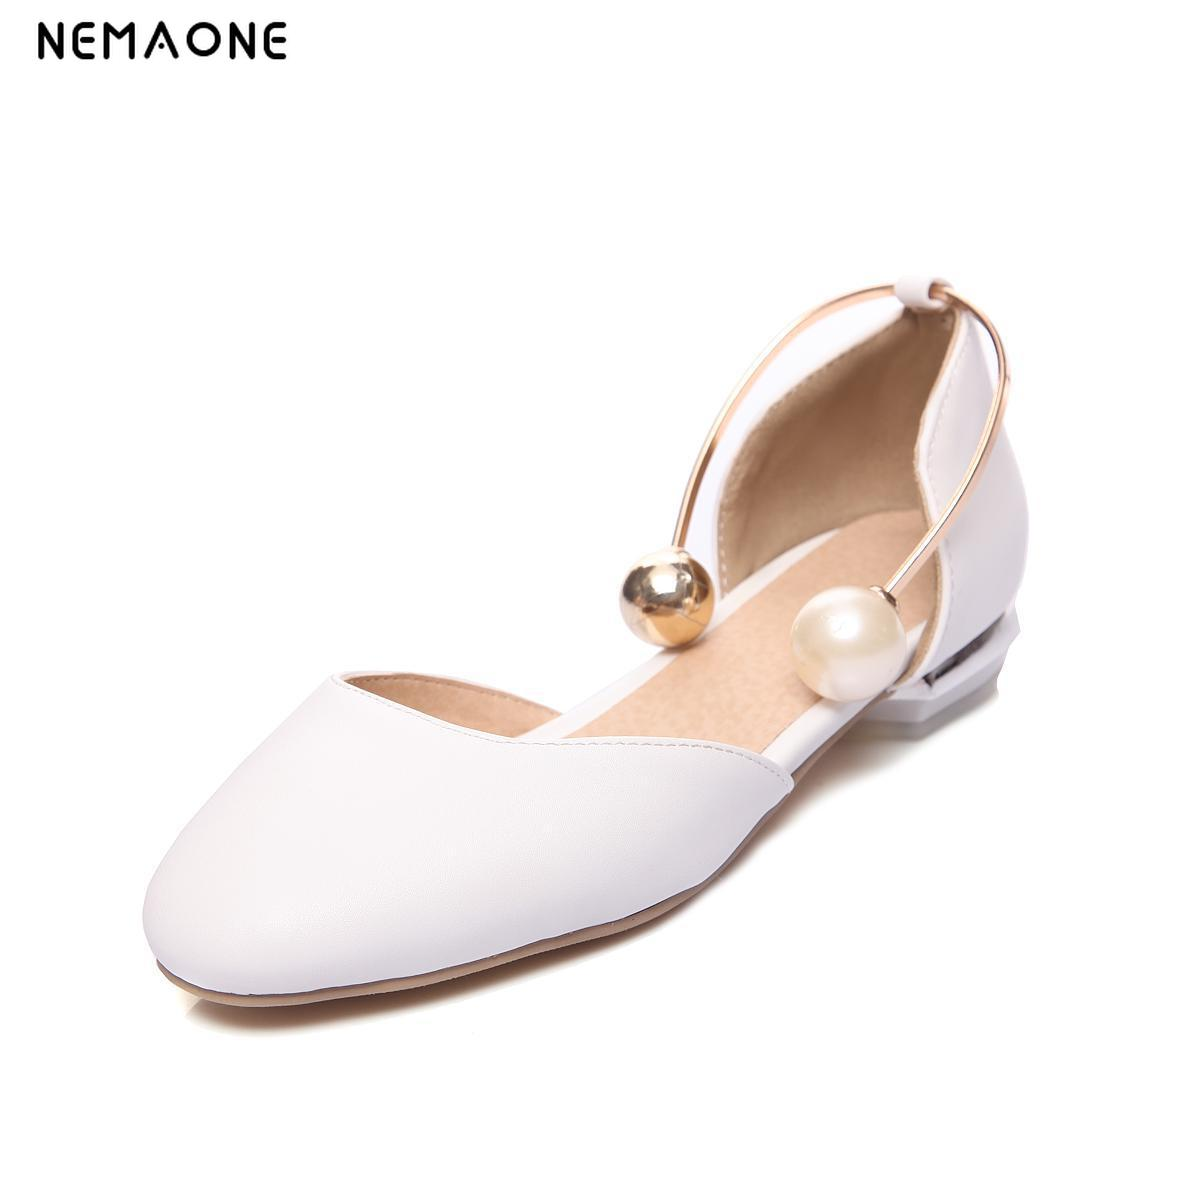 NEMAONE 2017 New fashion women shoes summer shoes woman ...